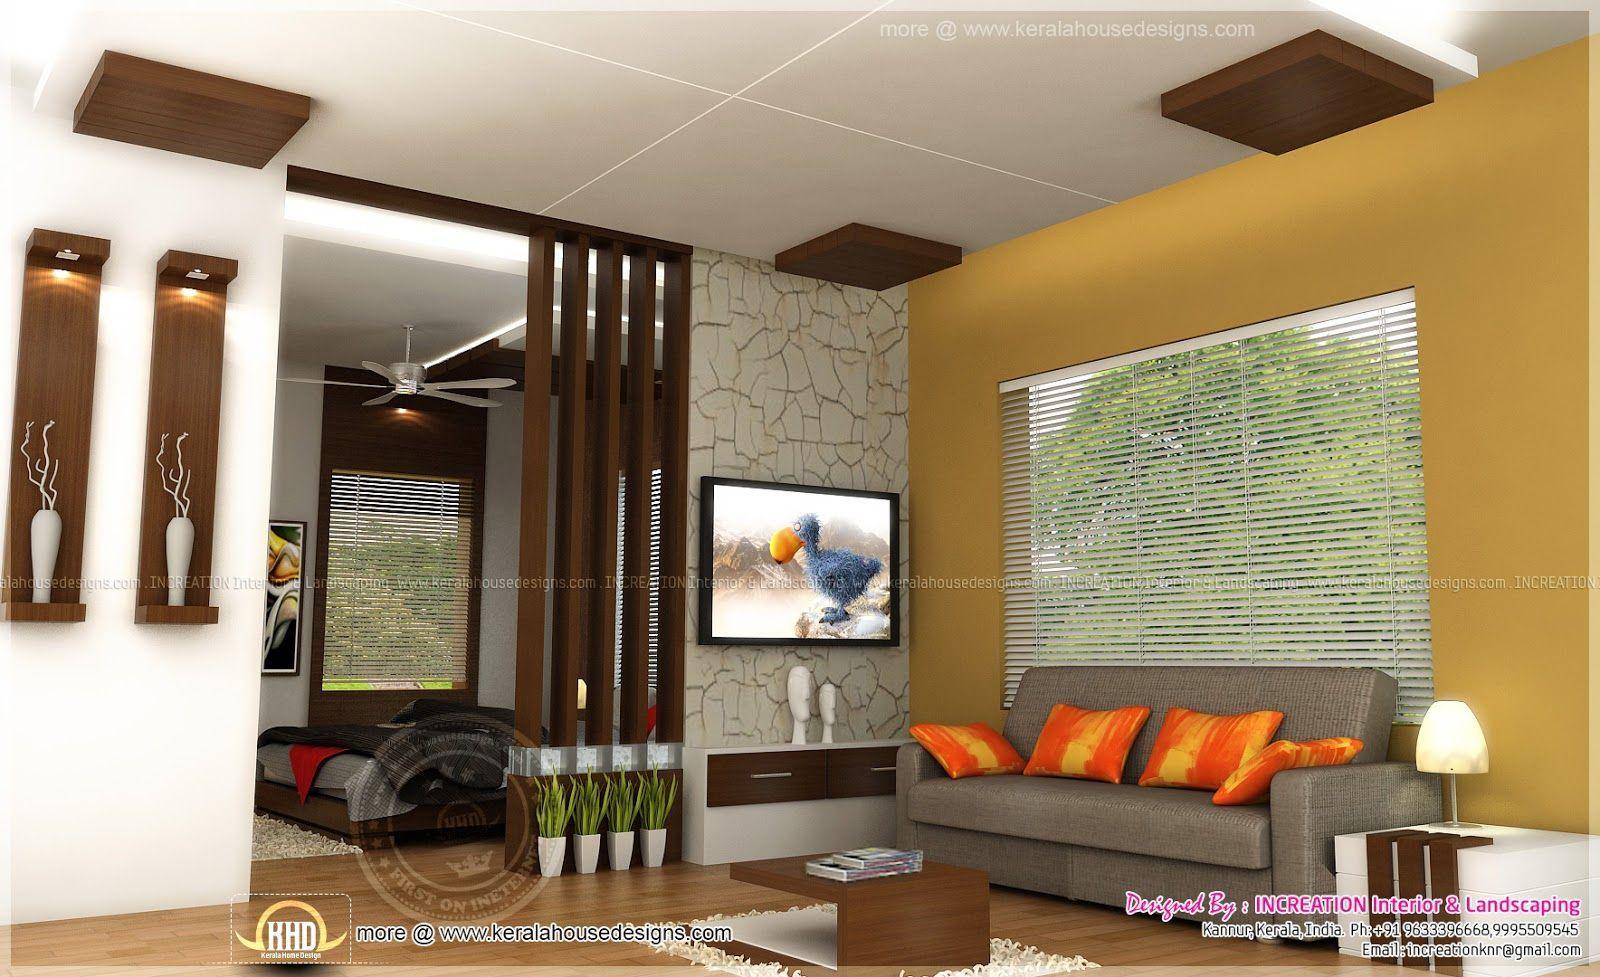 Interior Design For Living Room Kerala Style Homedecor